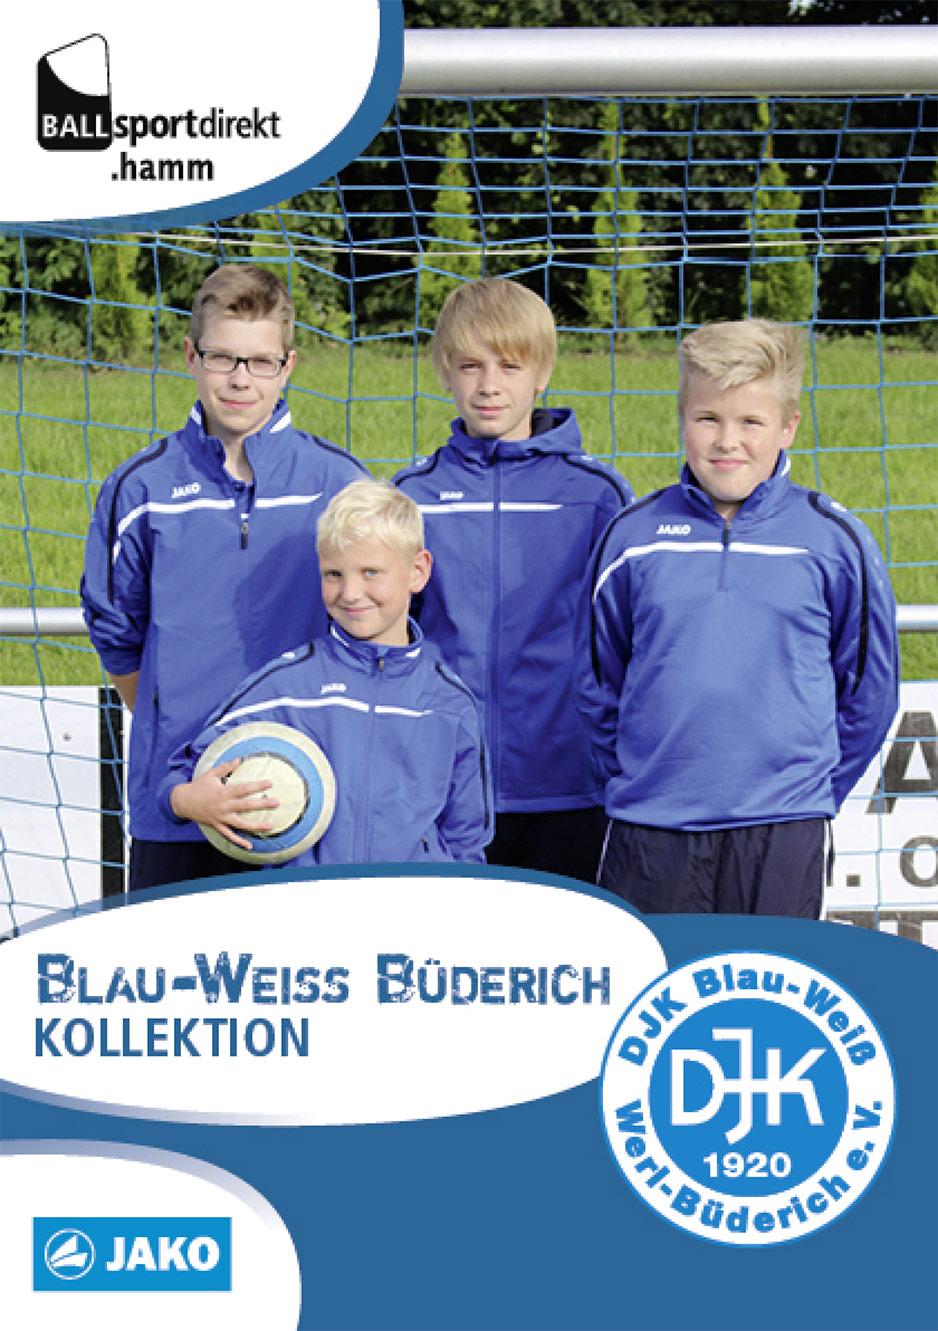 BW_Buederich_Kollektion_2015_01